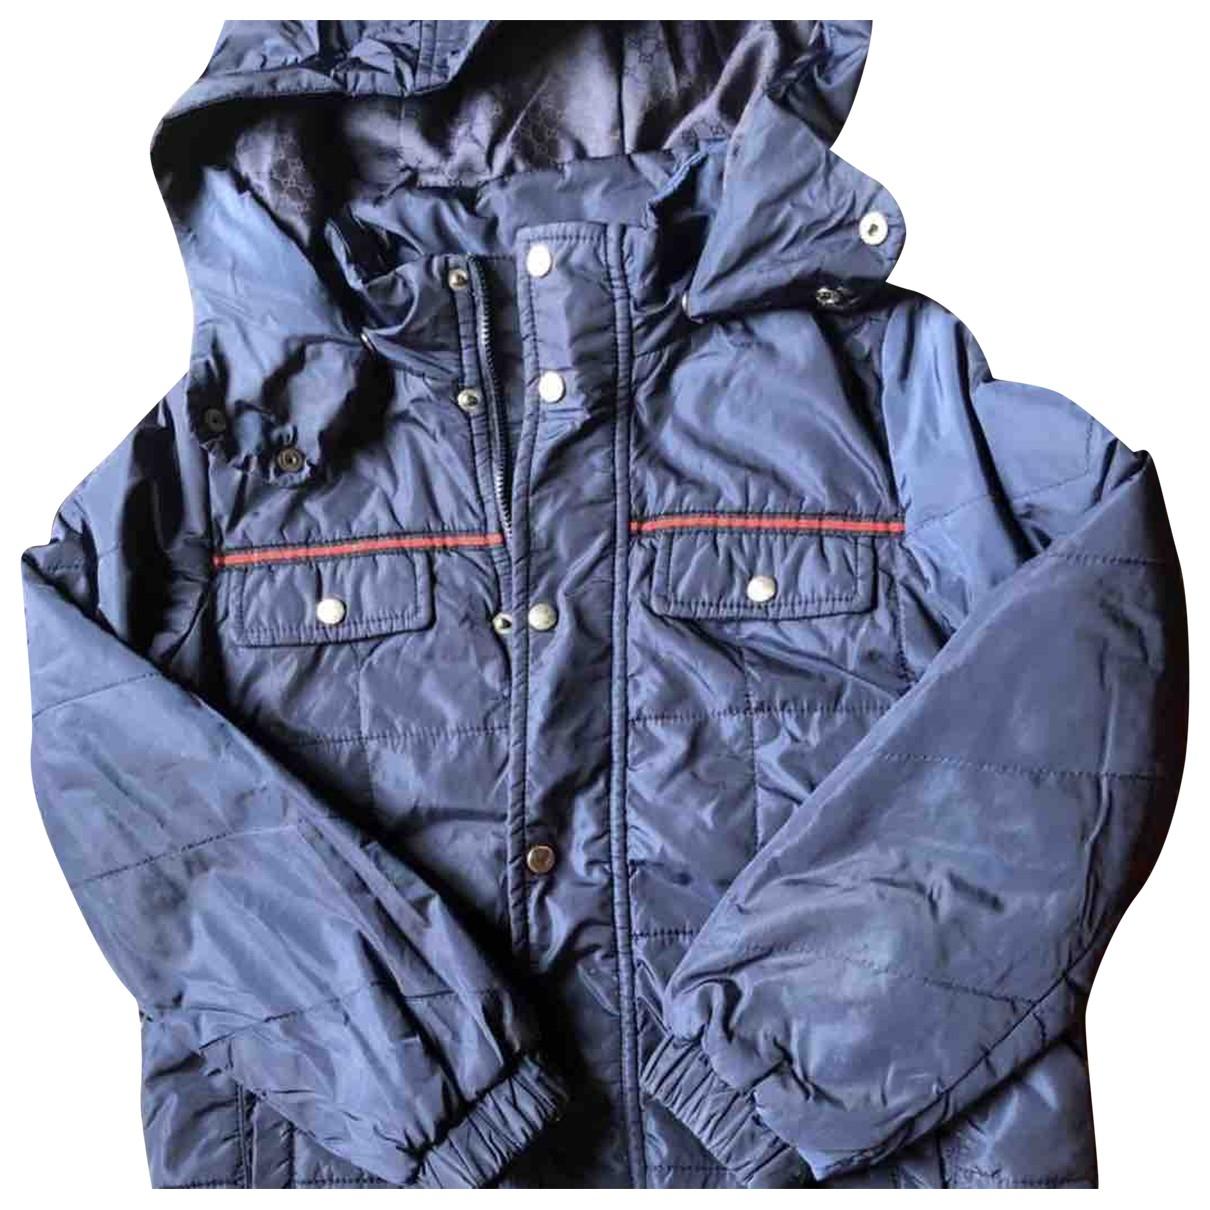 Gucci - Blousons.Manteaux   pour enfant - bleu